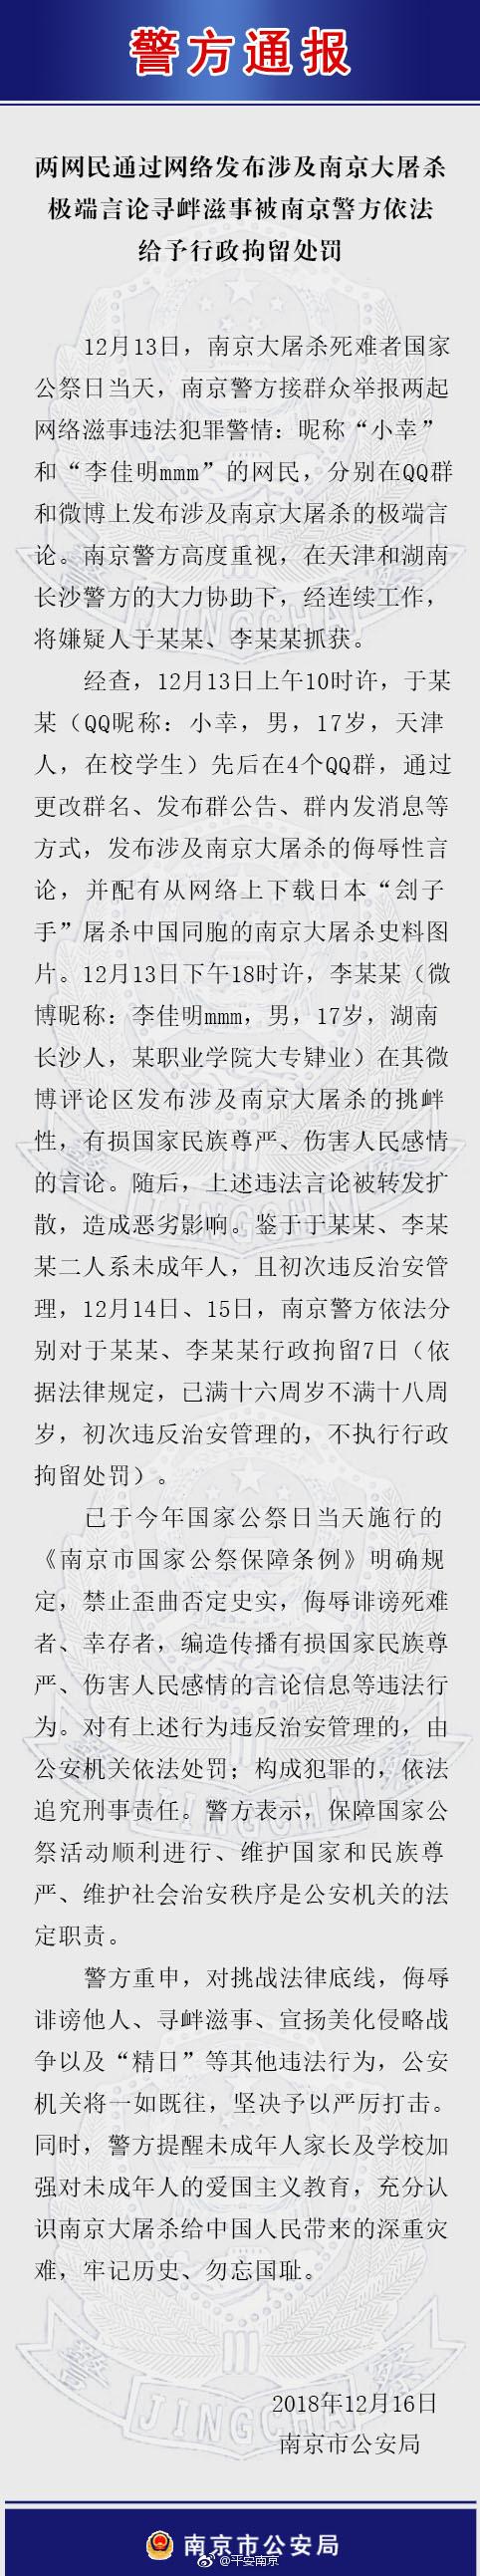 http://www.hljold.org.cn/shehuiwanxiang/57209.html